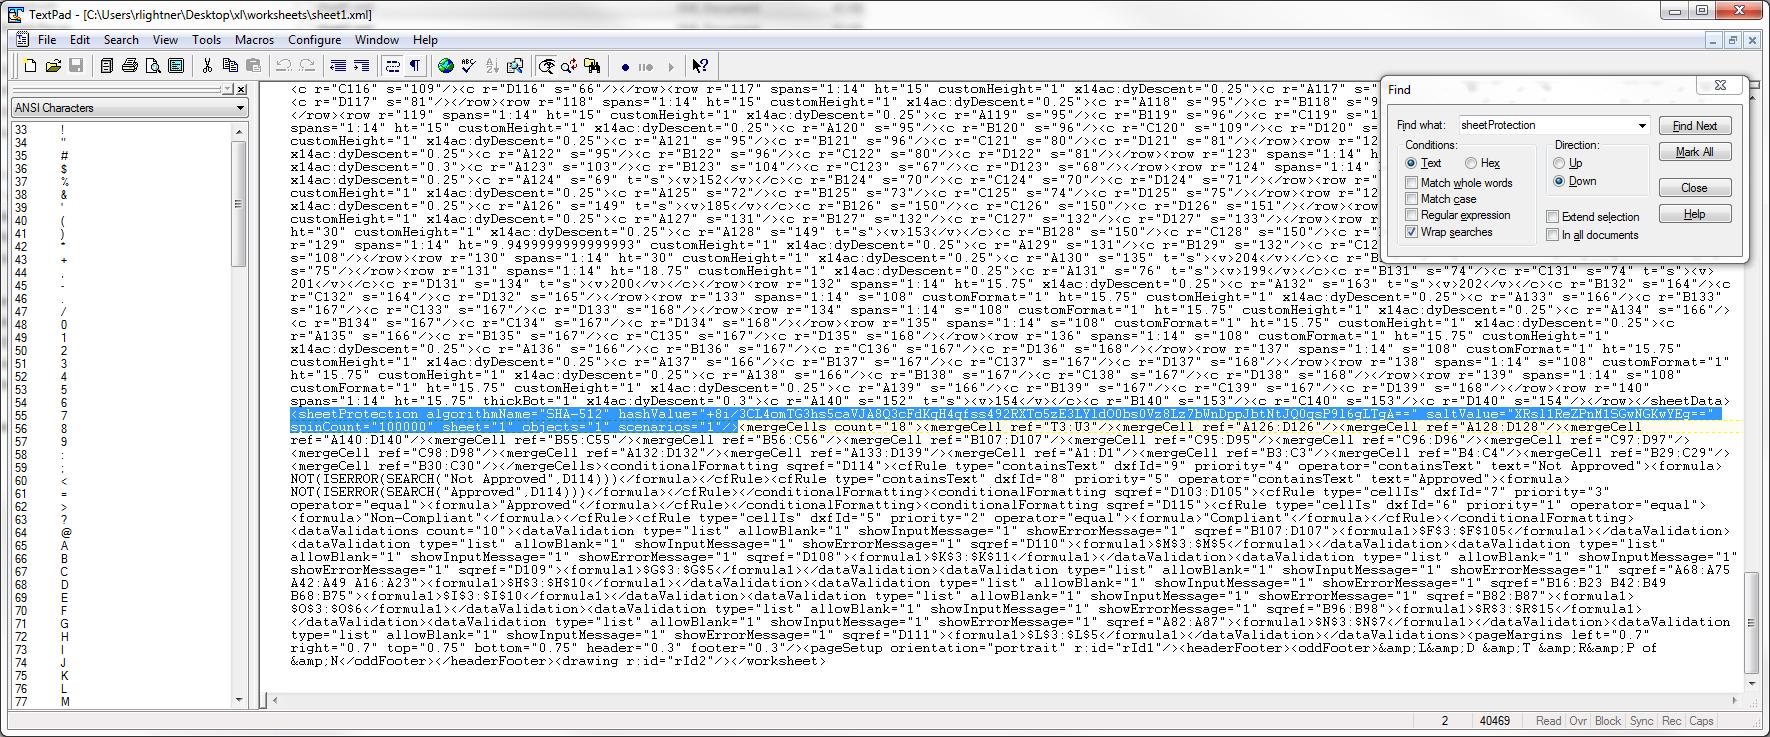 unprotect xml file